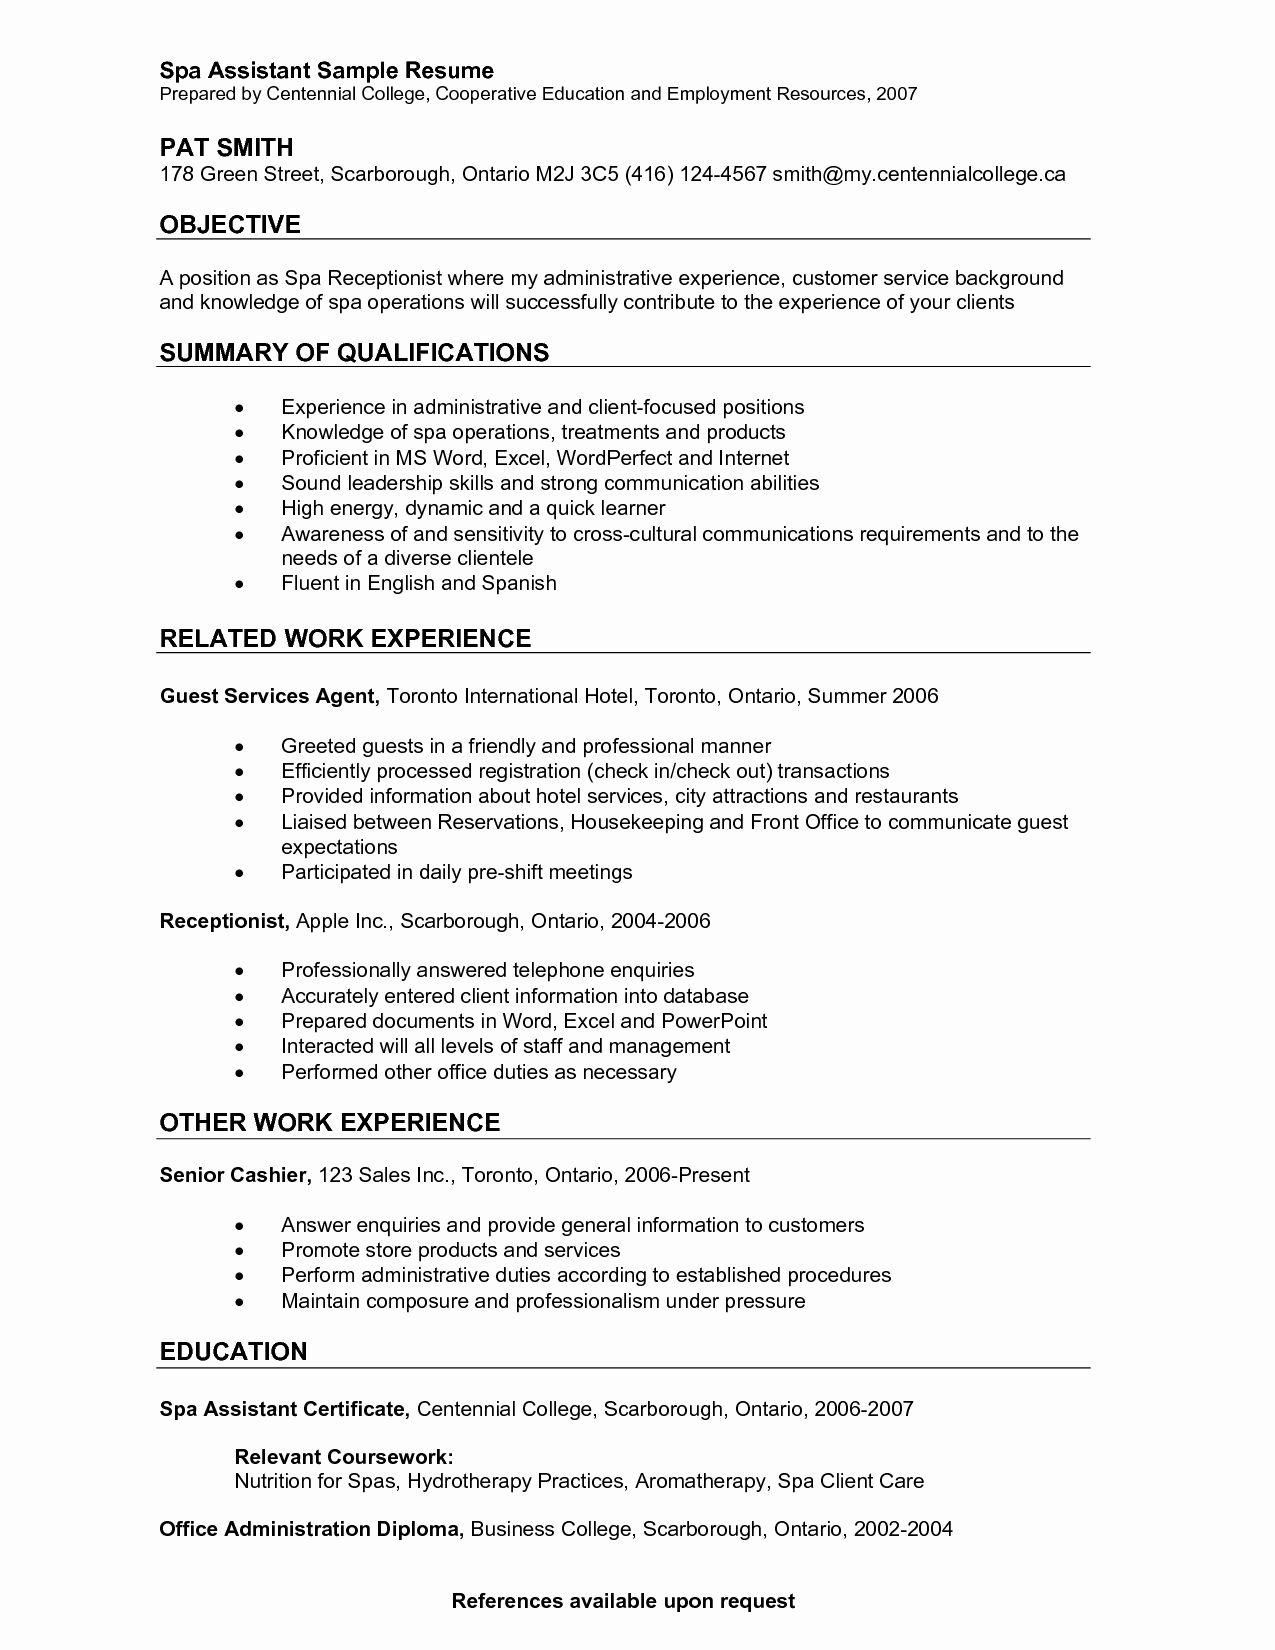 Front Desk Job Description Resume Elegant Medical Receptionist Resume Objective Samples Resume In 2020 Medical Assistant Resume Medical Receptionist Resume Examples